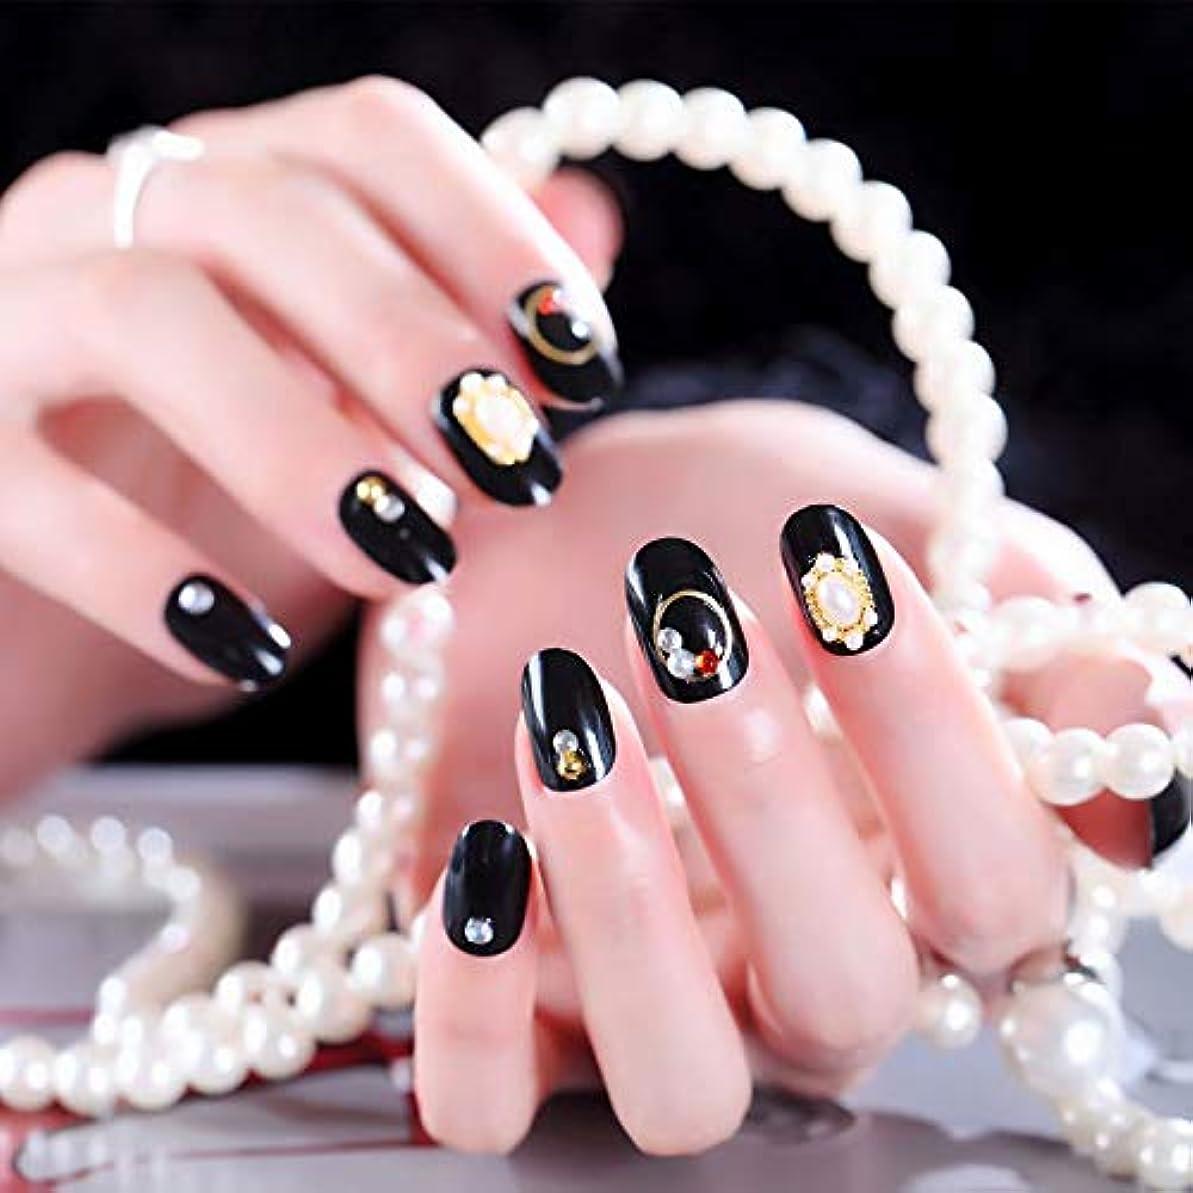 オーロック自慢セットアップ花嫁ネイル ヌードカラー3Dネイルチップ 原宿 和風 夢幻 手作りネイルチップ 可愛い 優雅ネイル 結婚式、写真を撮る、パーティー、二次会などに メタルリング 真珠 装飾 24枚入 (ブラック)